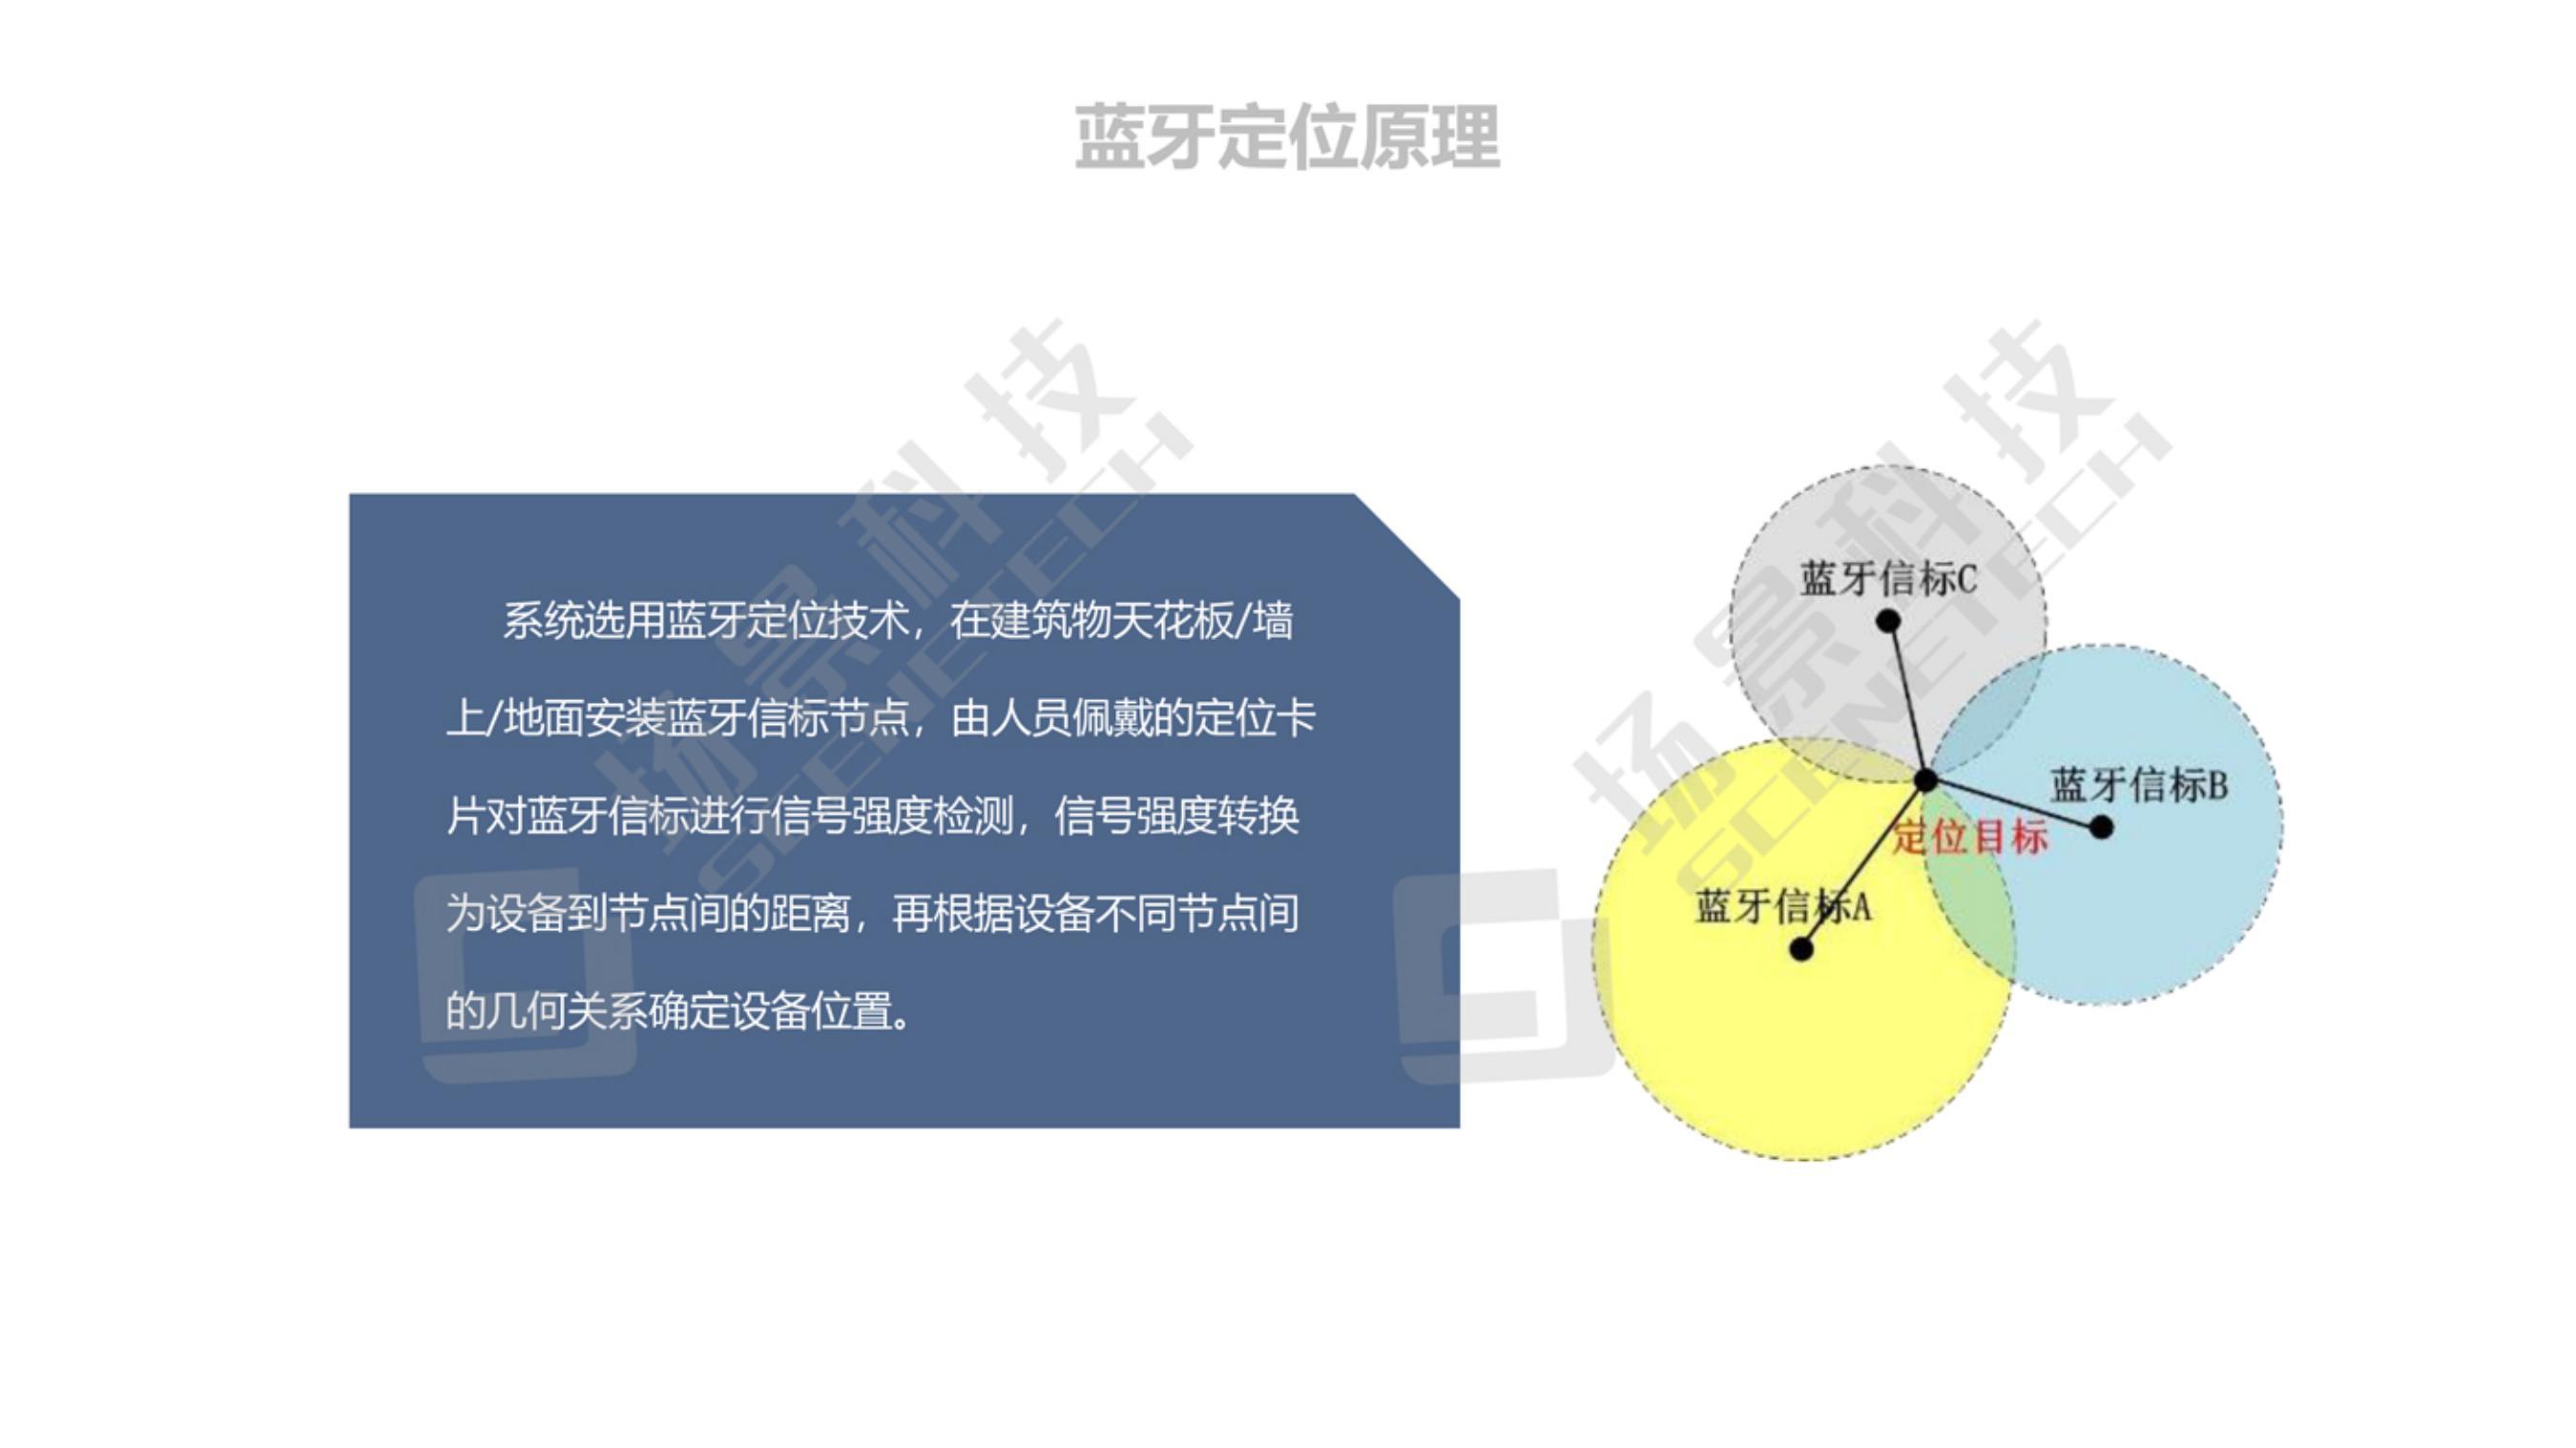 智慧工地人员定位管理解决方案2021-01-07_08